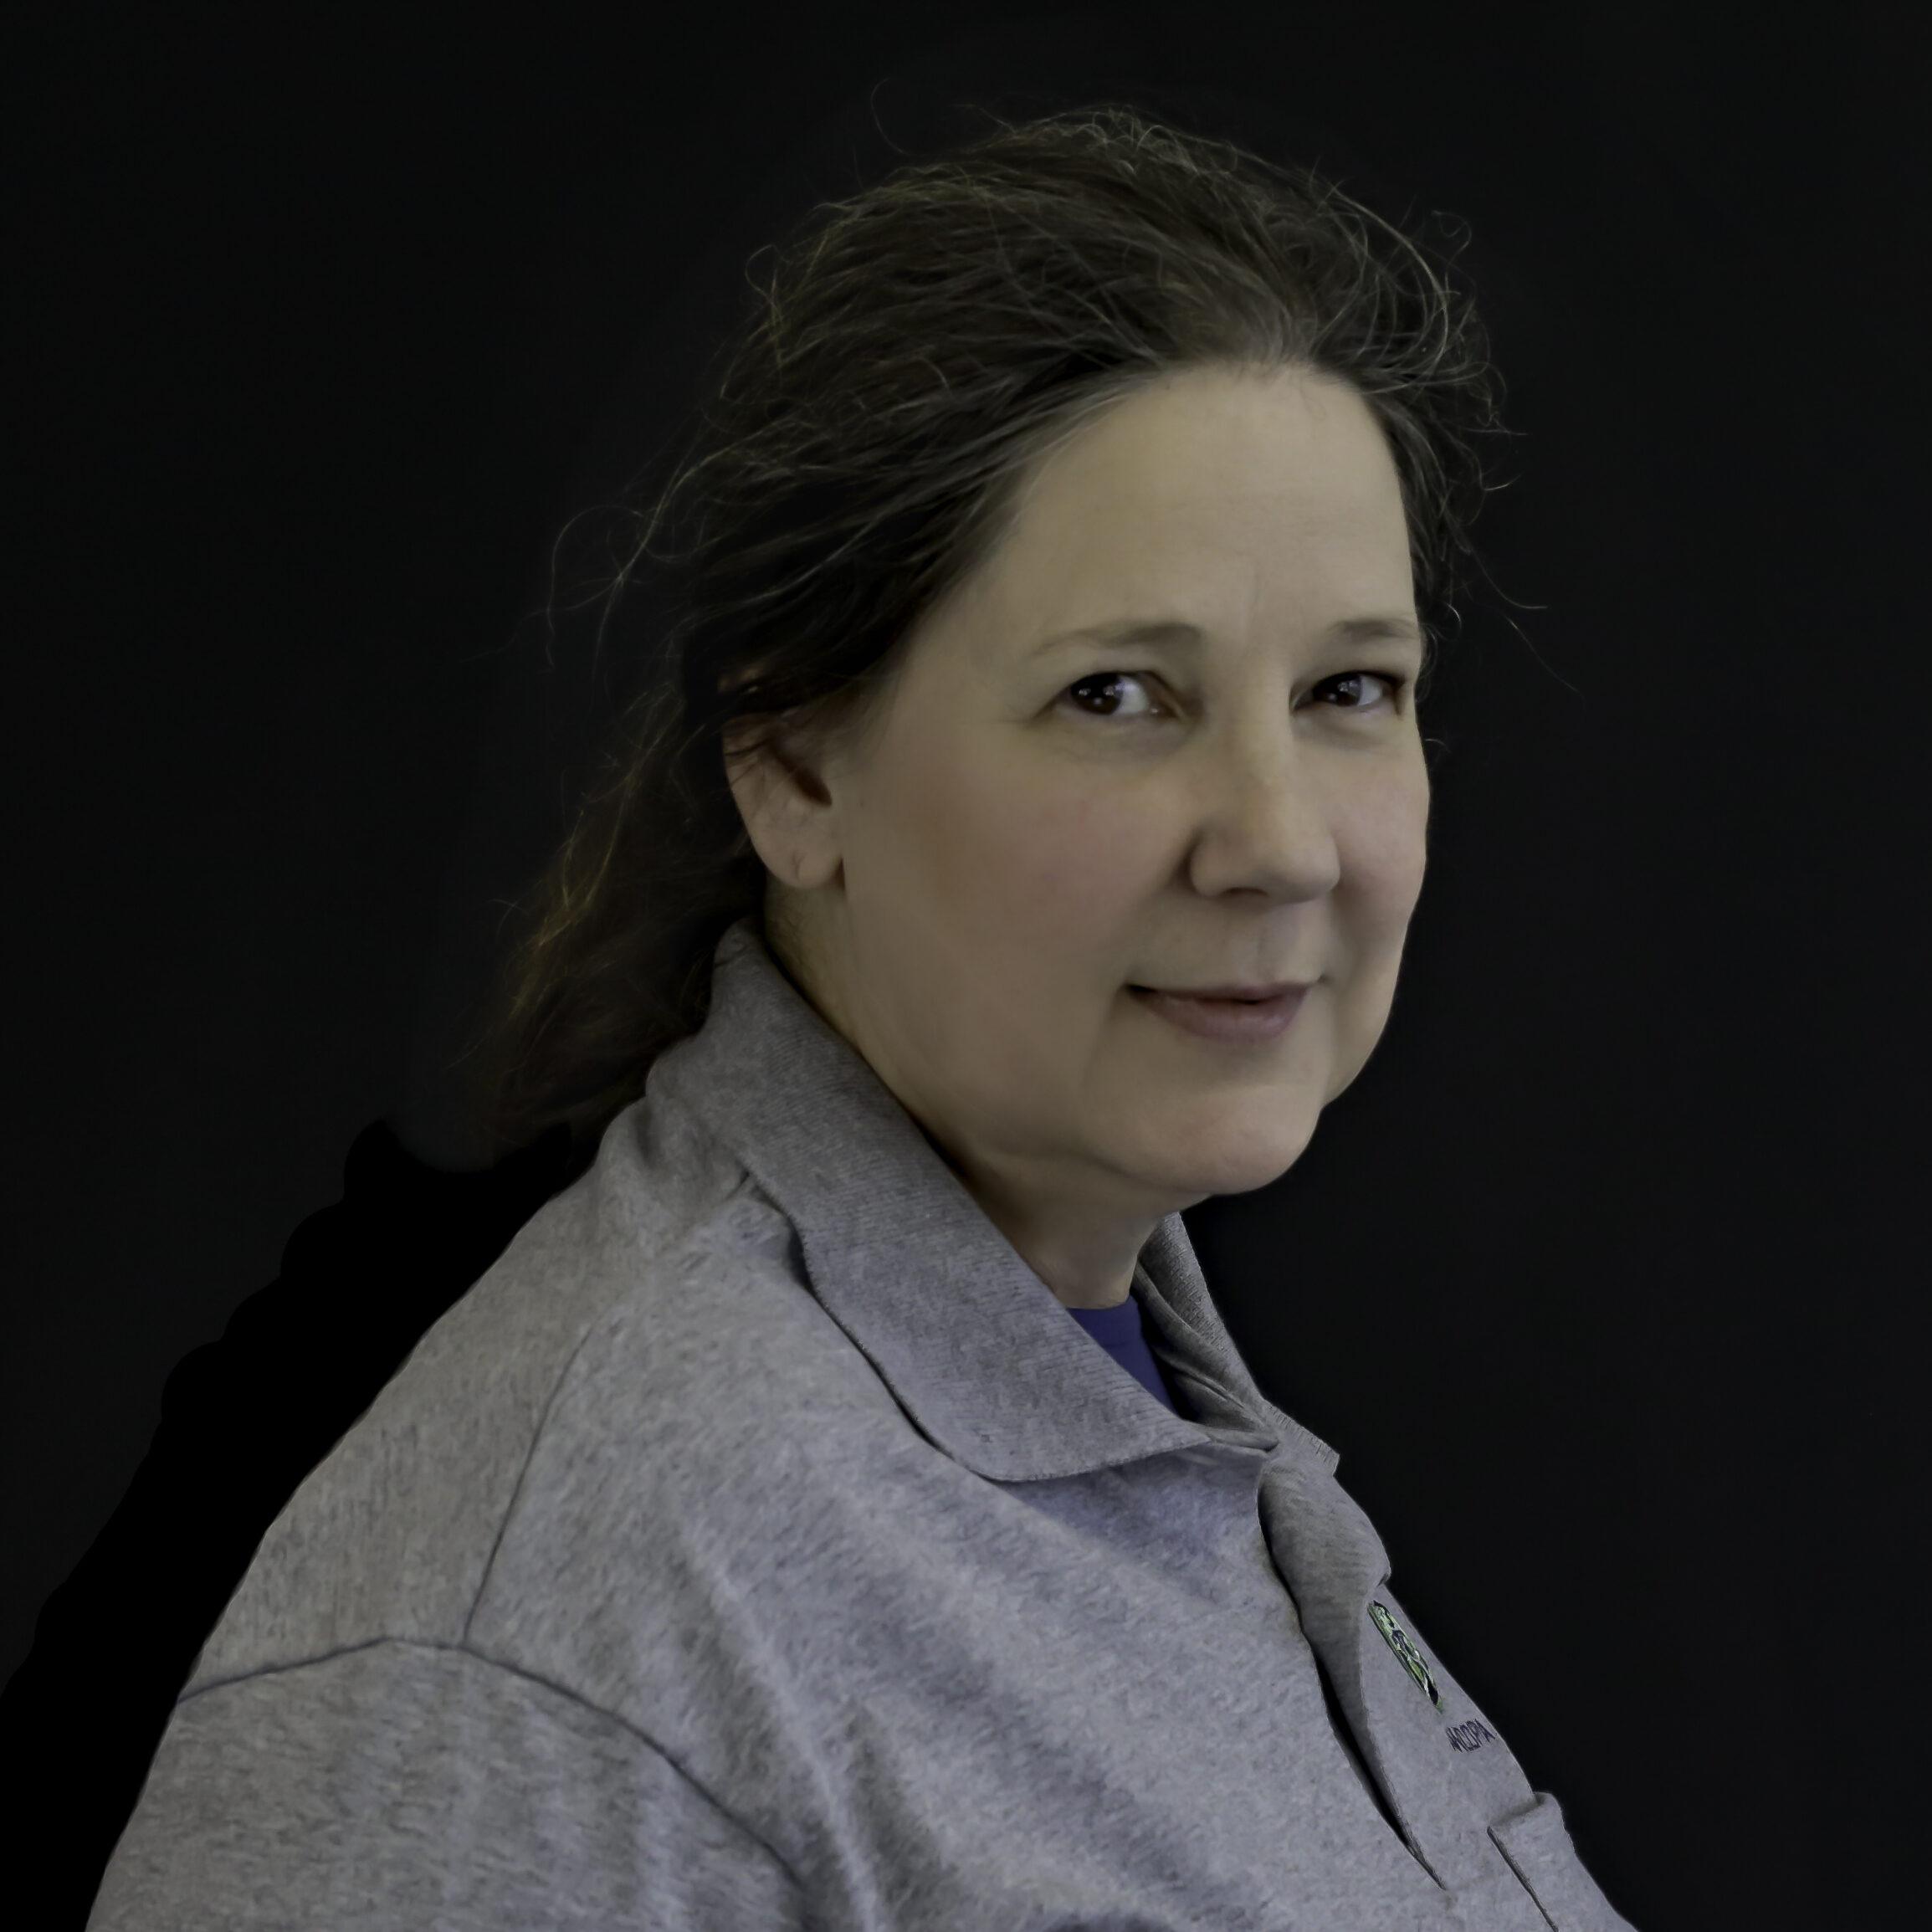 Suzanne Zaremski